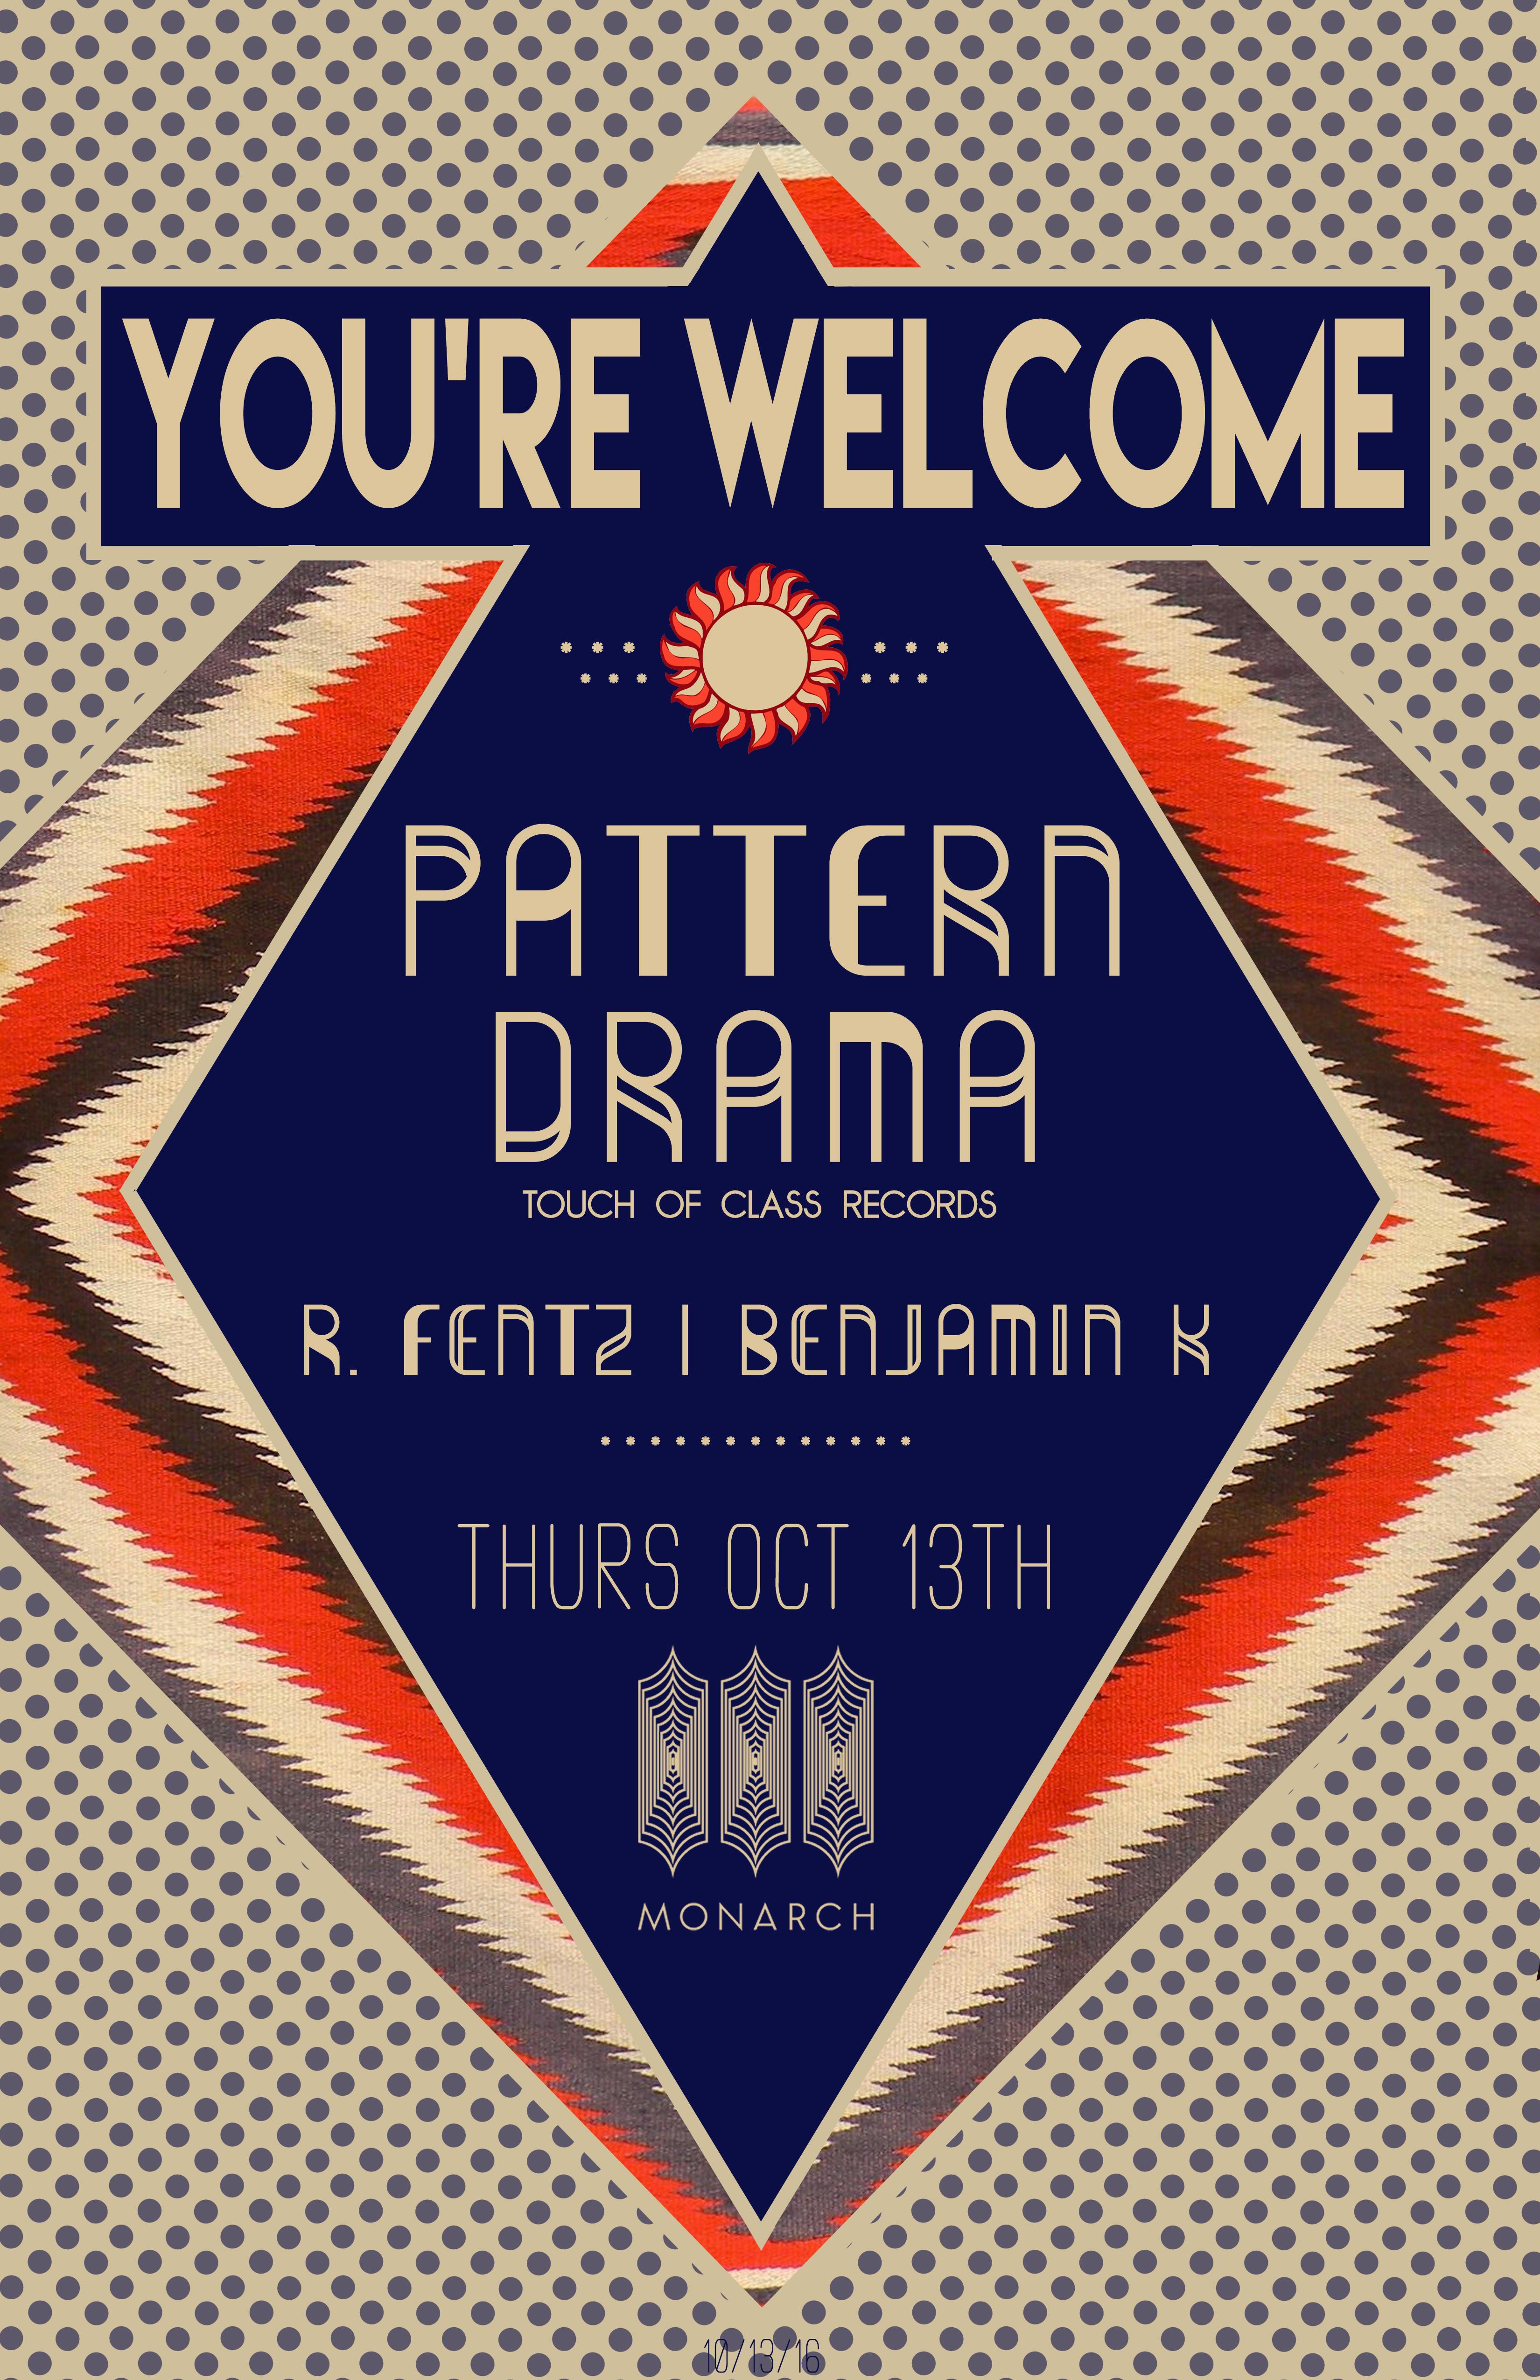 YW-Pattern Drama-10-13-16